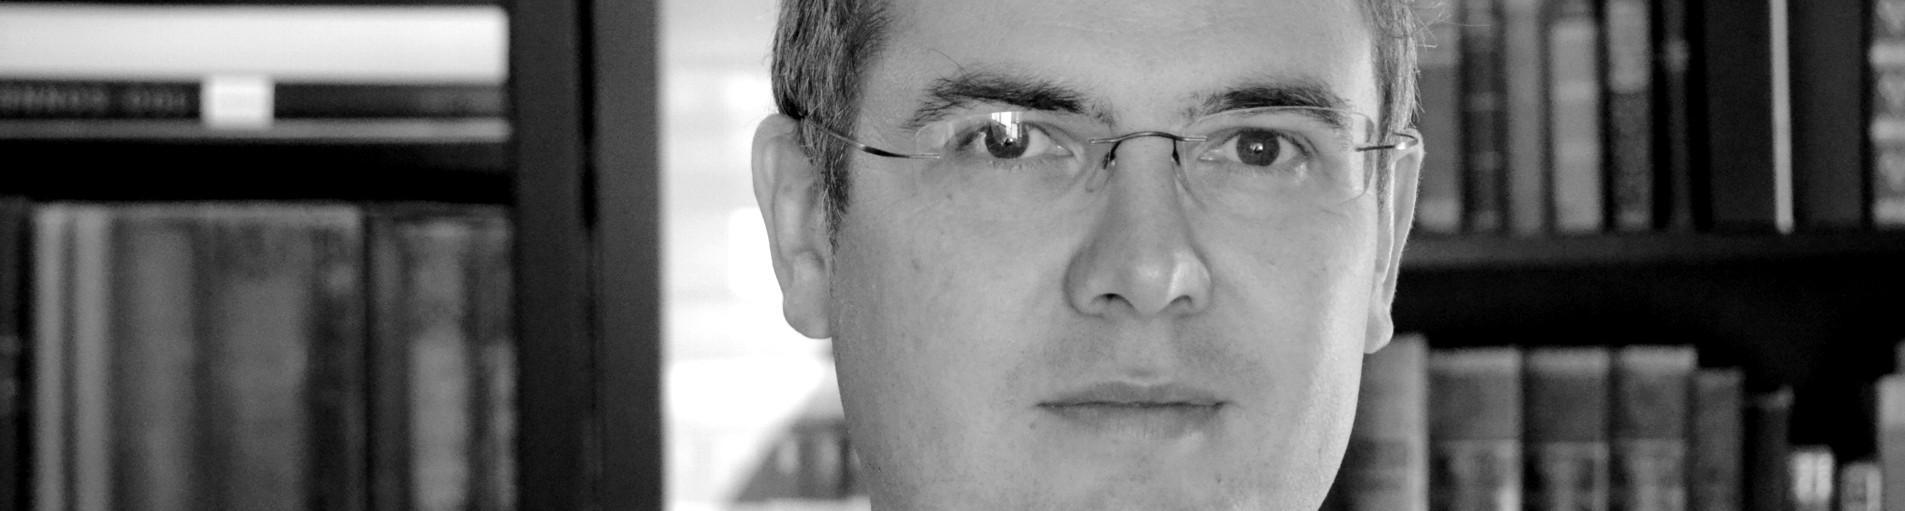 Dr. Jürgen Groiss, Gynäkologie & Geb